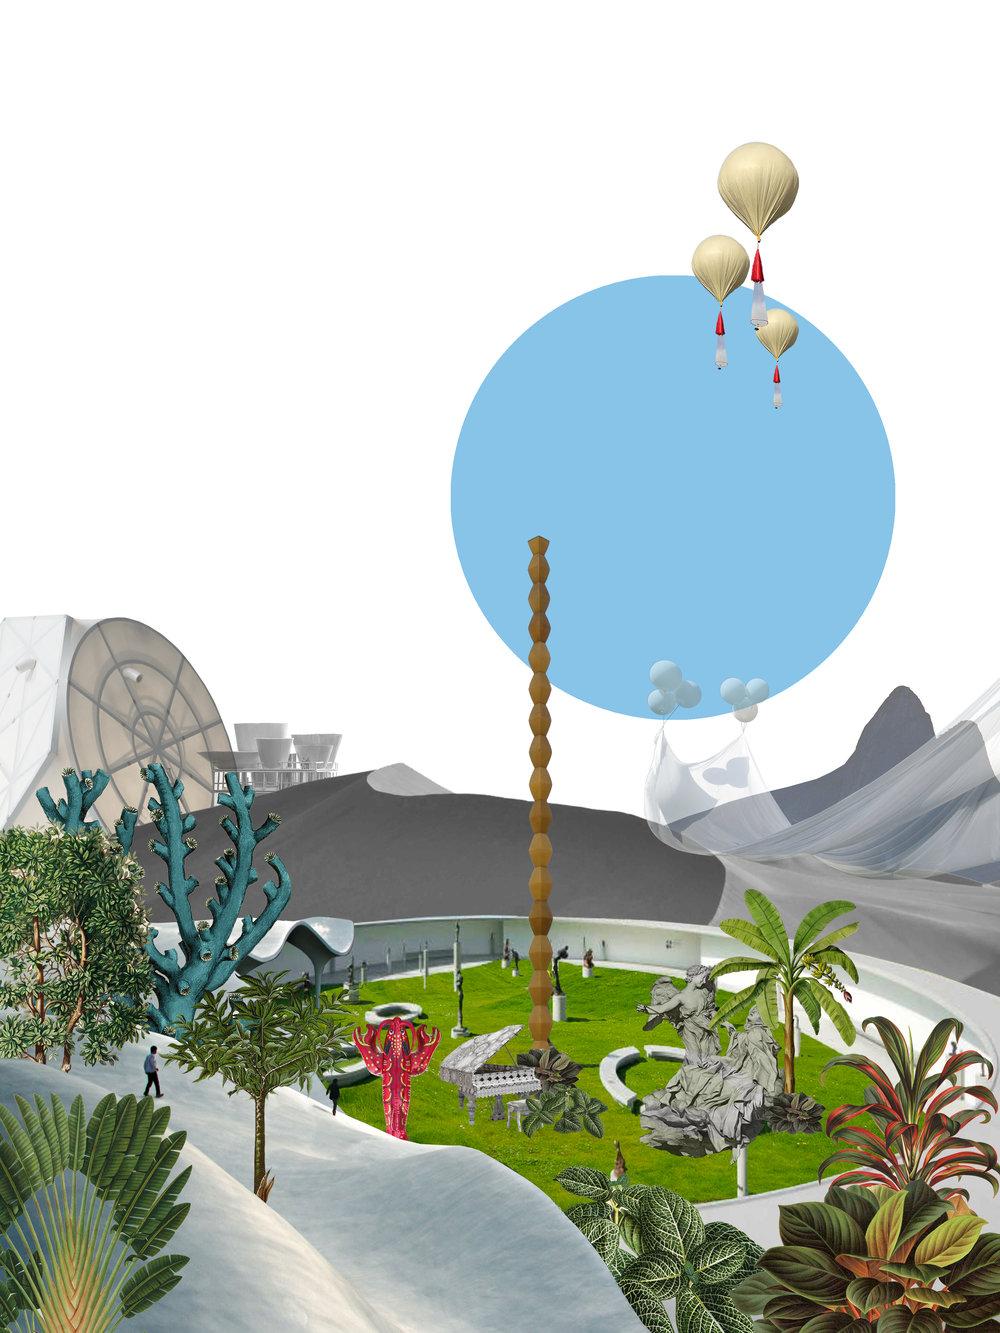 En el lanzamiento de la isla, The Moving Museum montará una exposición de gran escala para presentar las estrategias de los artistas. Con 126 exposiciones individuales, cada artista también dirigirá un simposio para explorar los temas de sus propuestas y recibir comentarios del público antes de implementar sus proyectos.